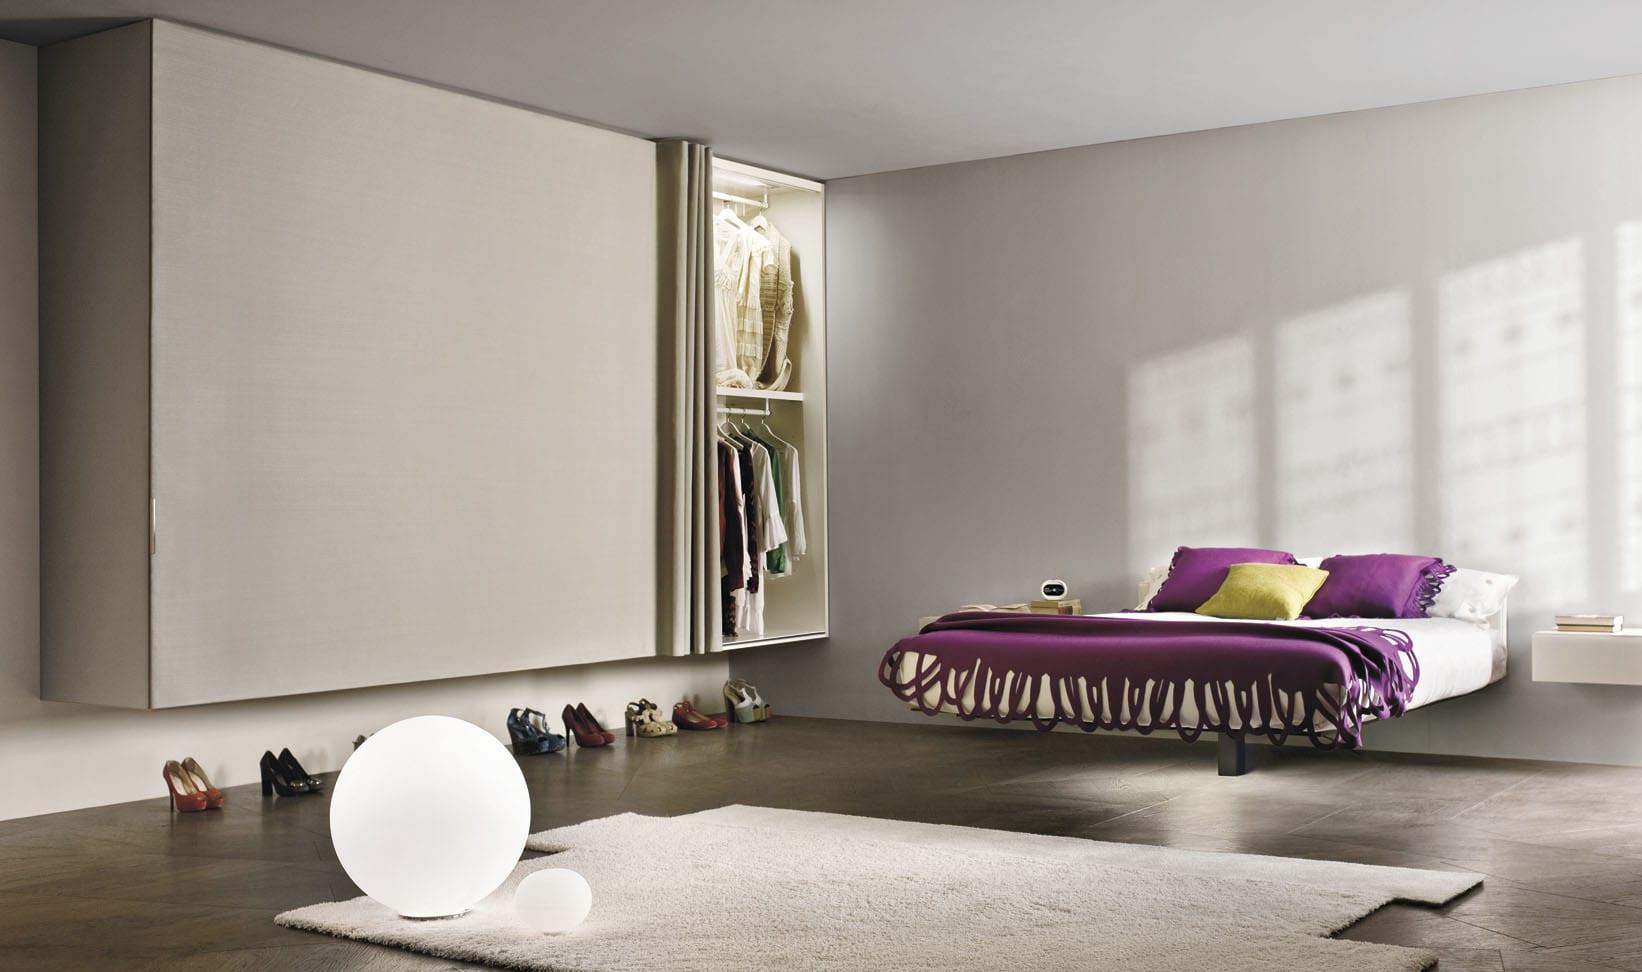 moderne mbel fr minimalistische schlafzimmer einrichtung